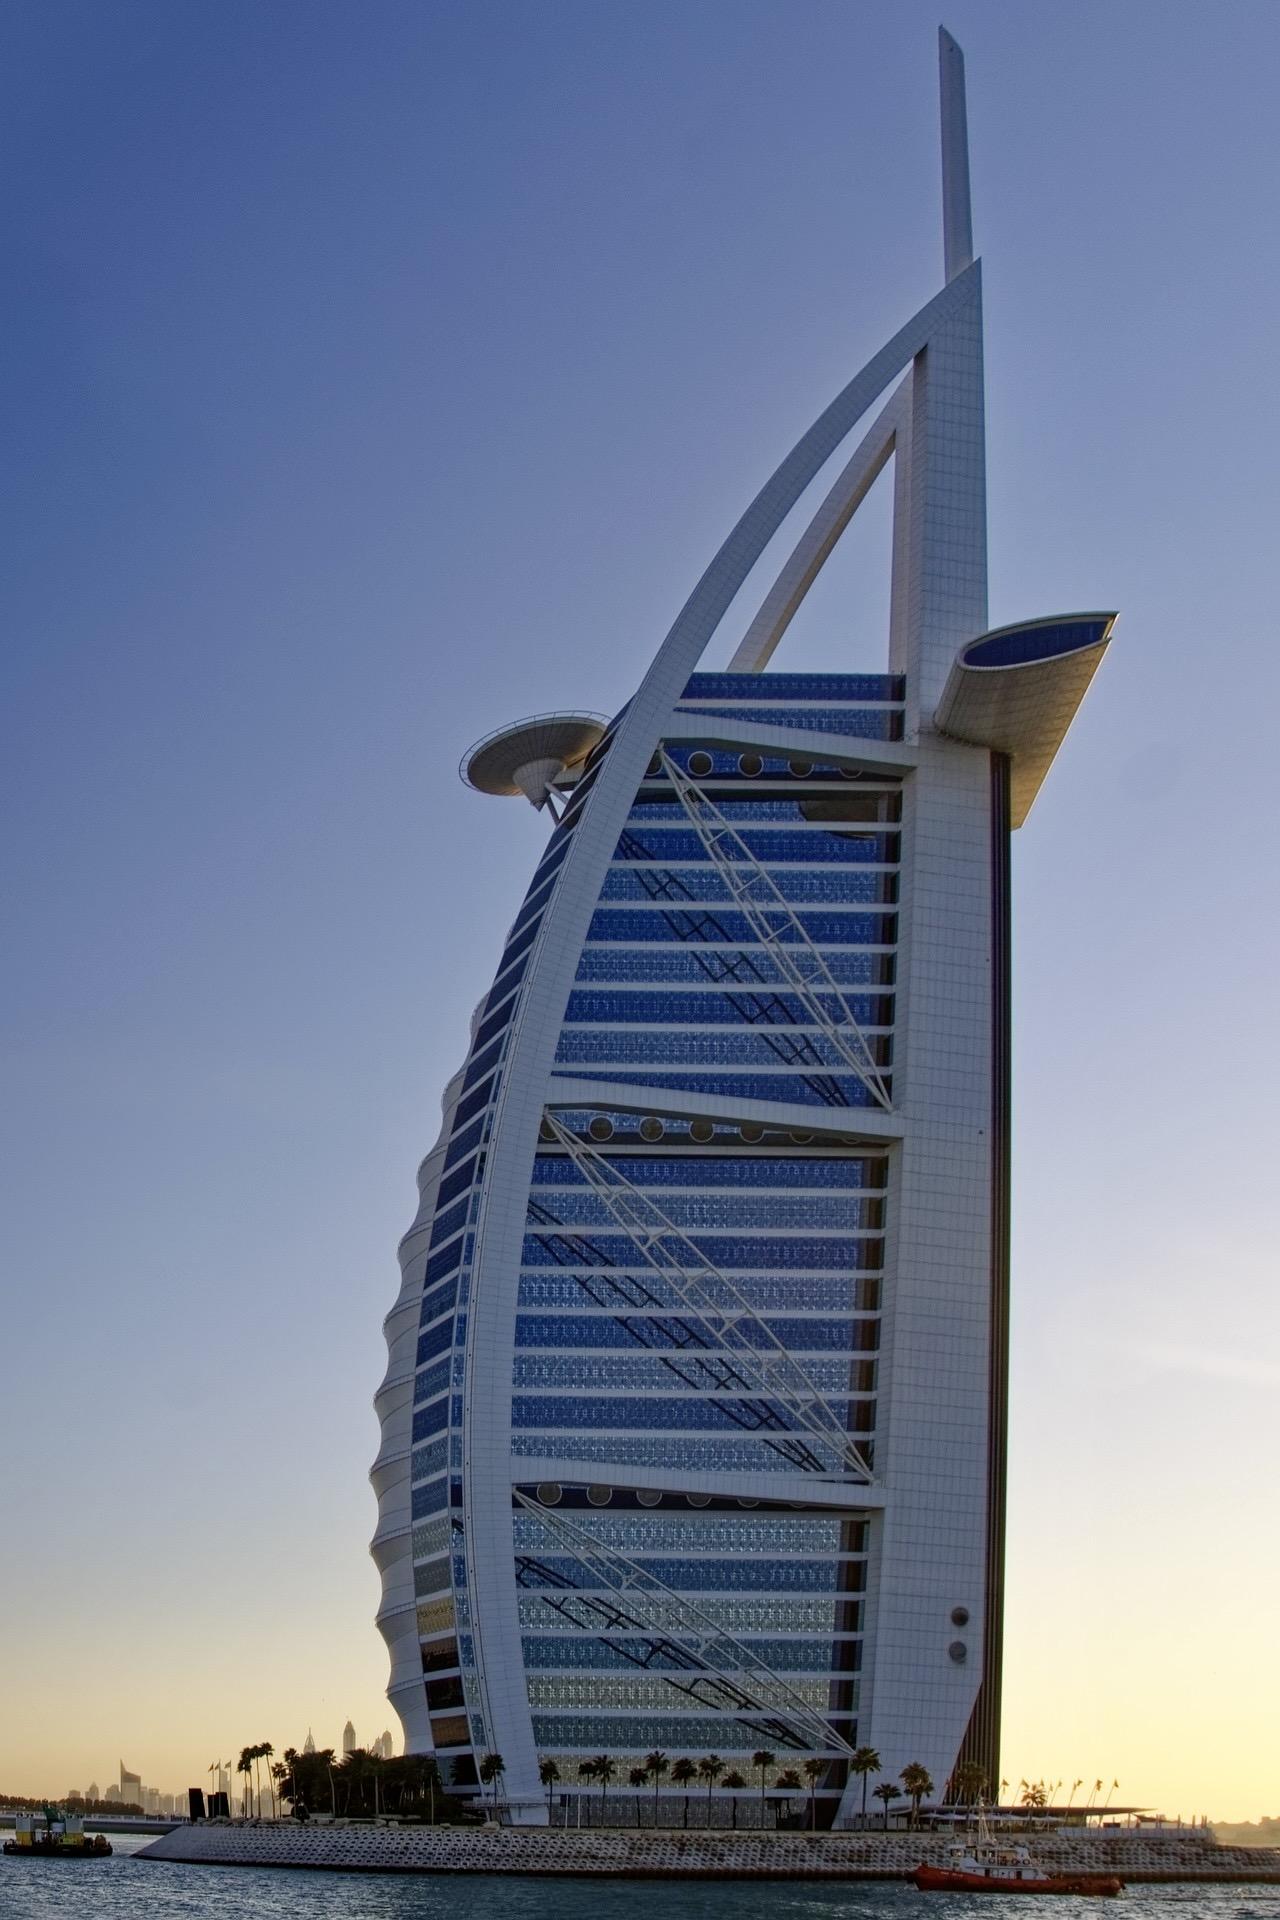 Zu unseren Dubai Tipps gehört auch der Besuch vom Burj Khalifa